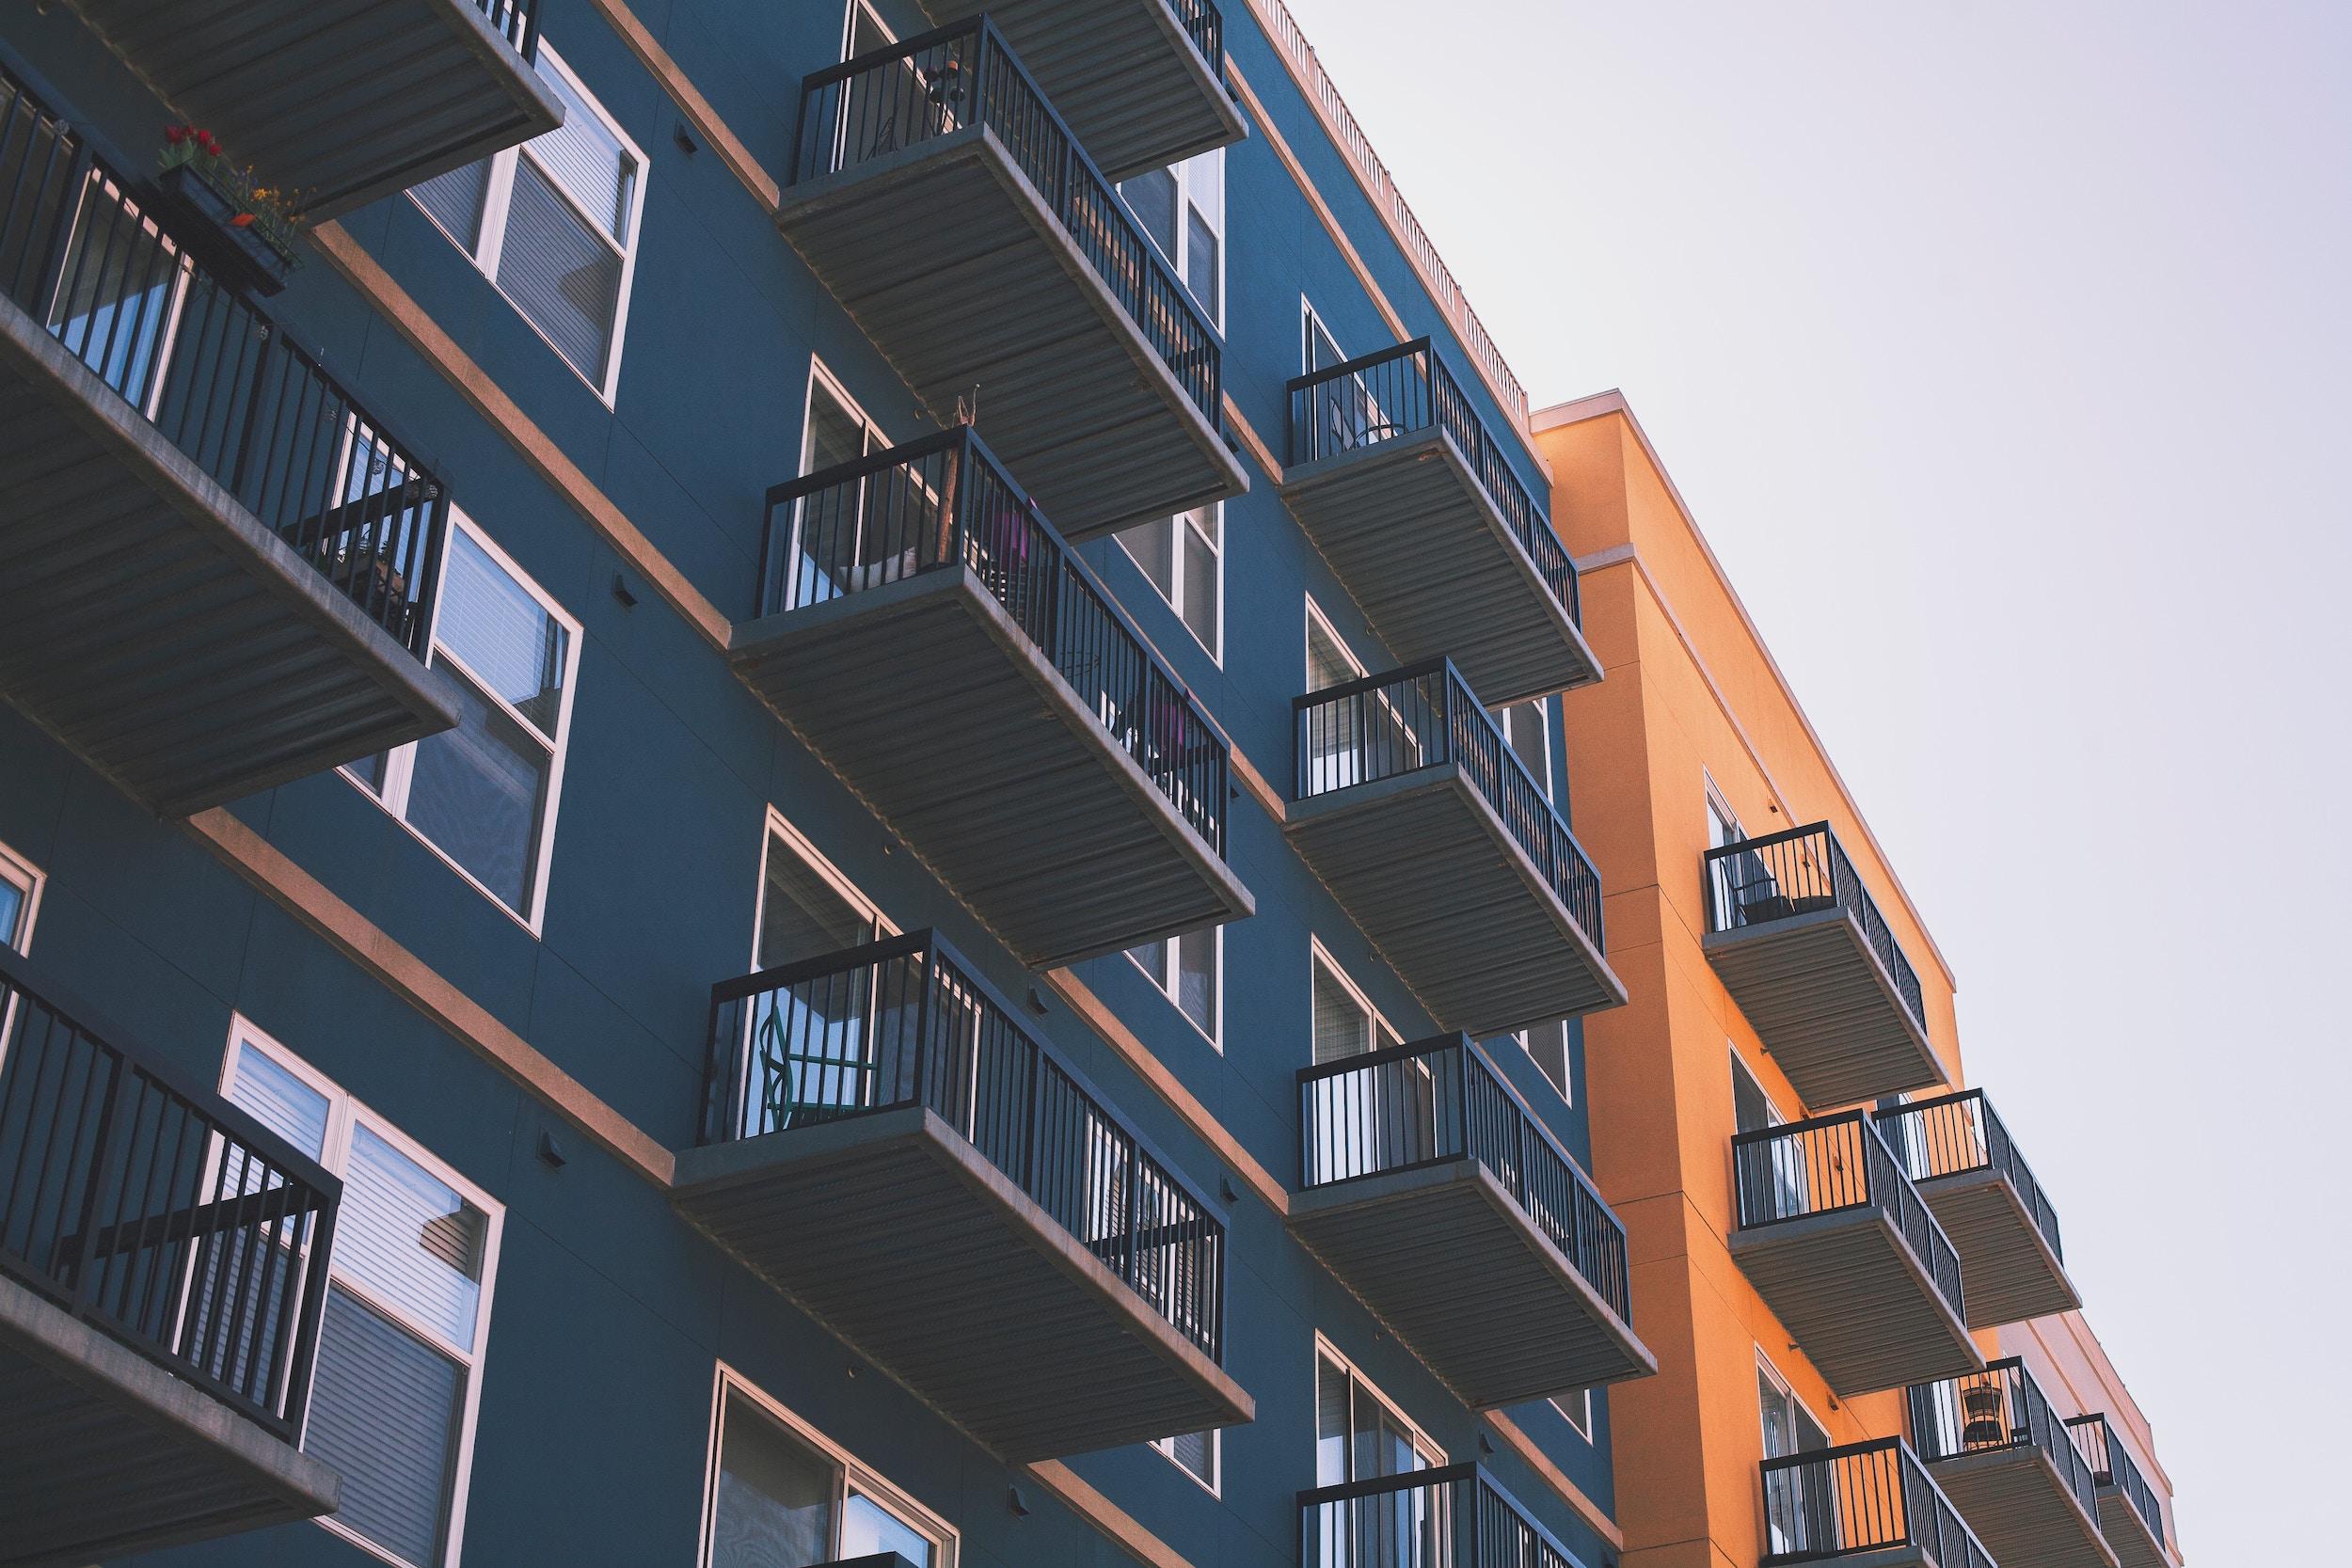 Kto zajmuje się zarządzaniem nieruchomościami?